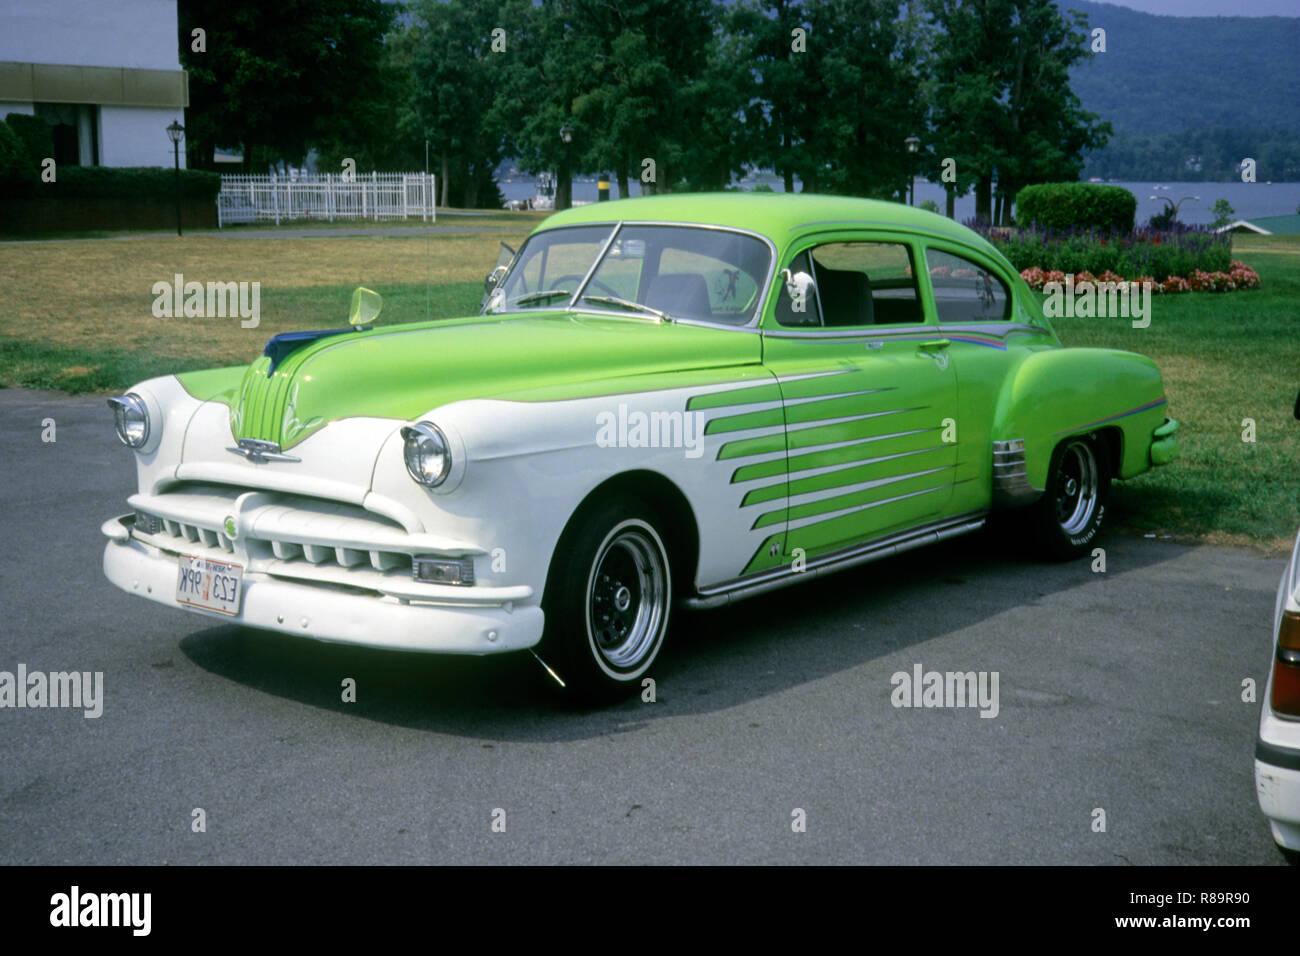 Veicoli automobili, Classic Car da anni cinquanta, sessanta, settanta Immagini Stock